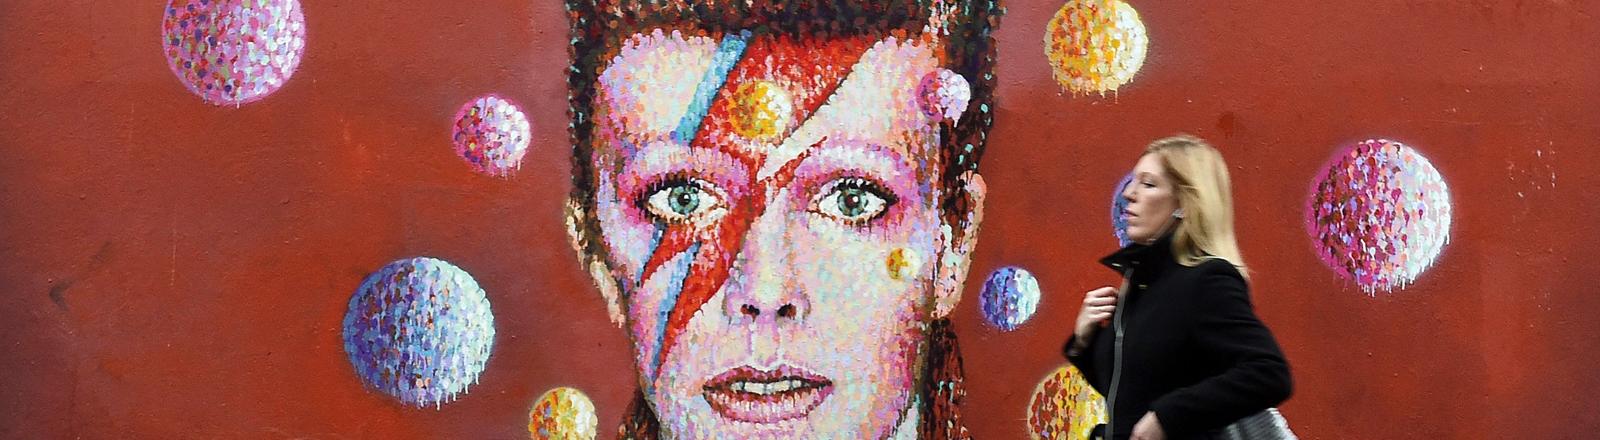 Ein Bild von David Bowie